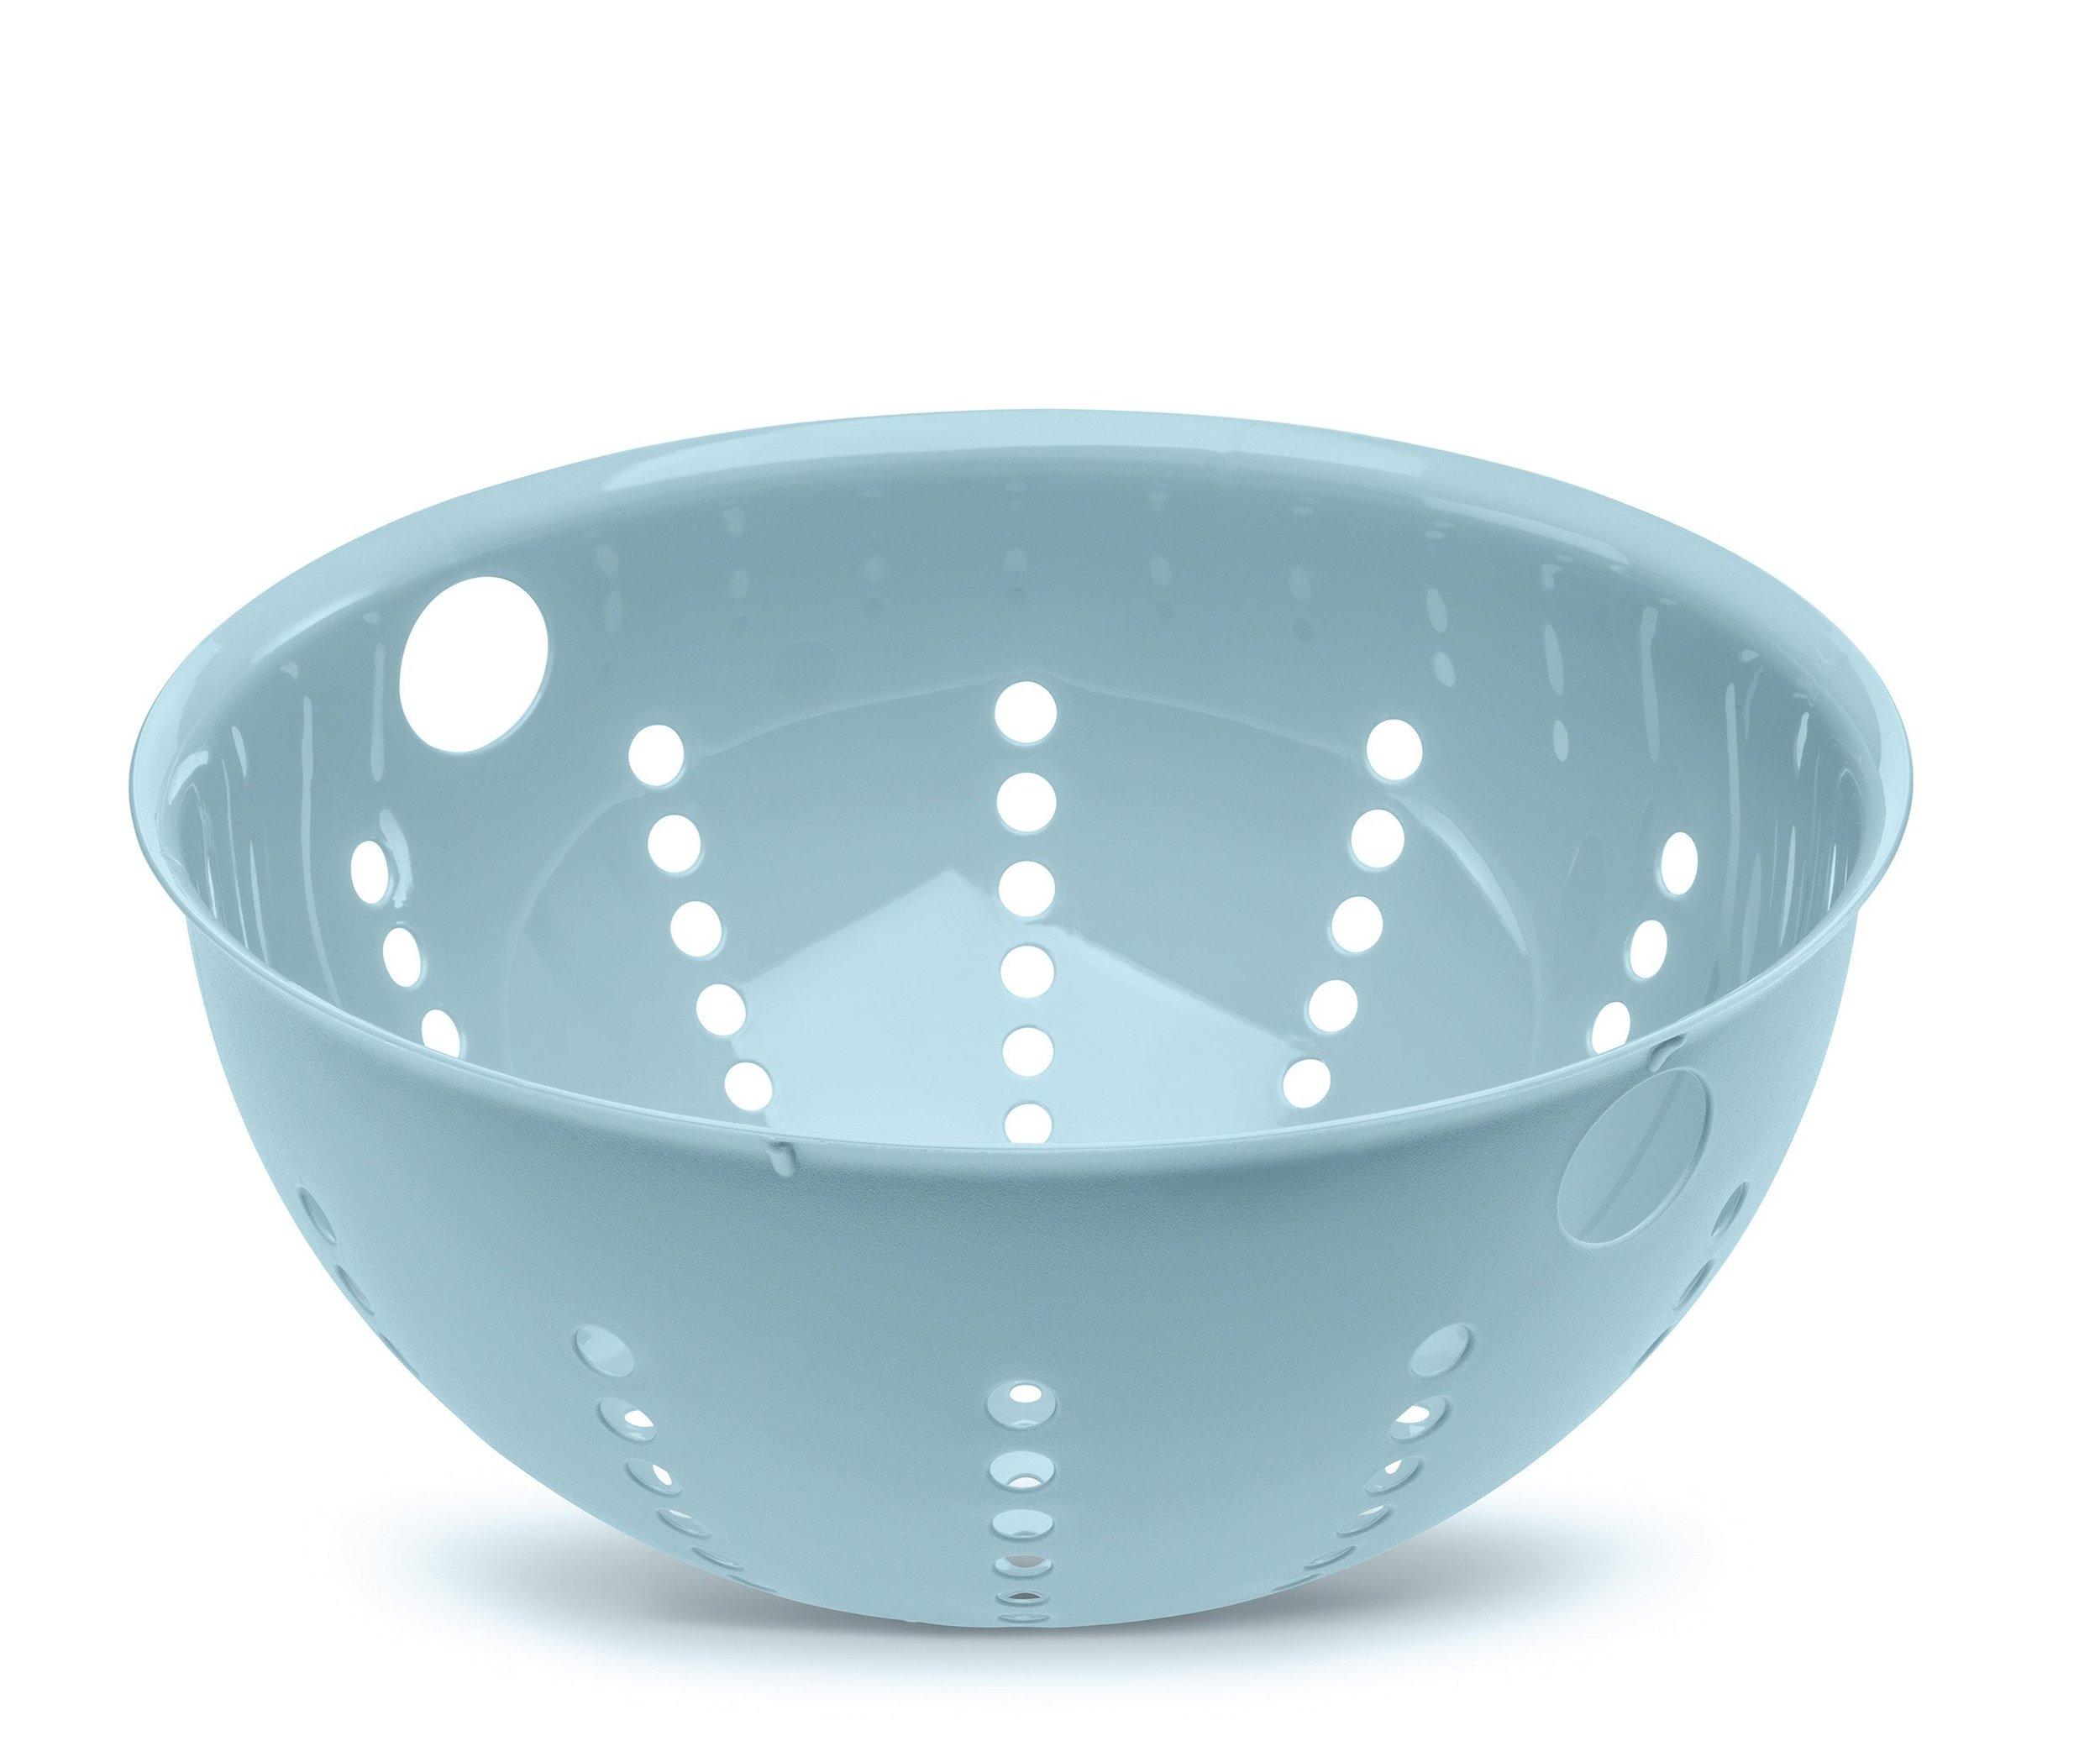 Durszlak 28 cm pastelowy niebieski